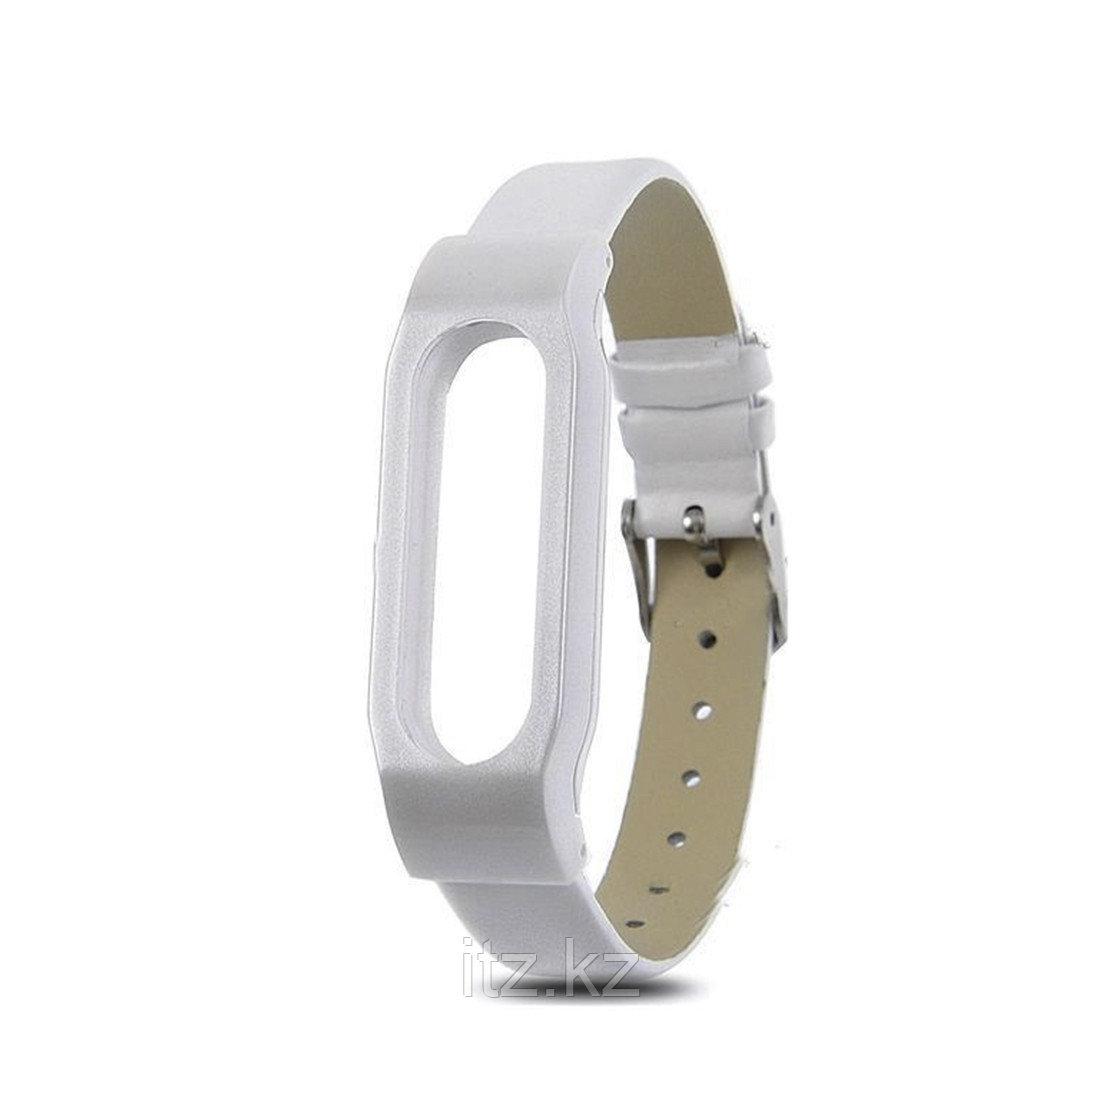 Сменный кожаный браслет для Xiaomi Mi Band 2 Белый